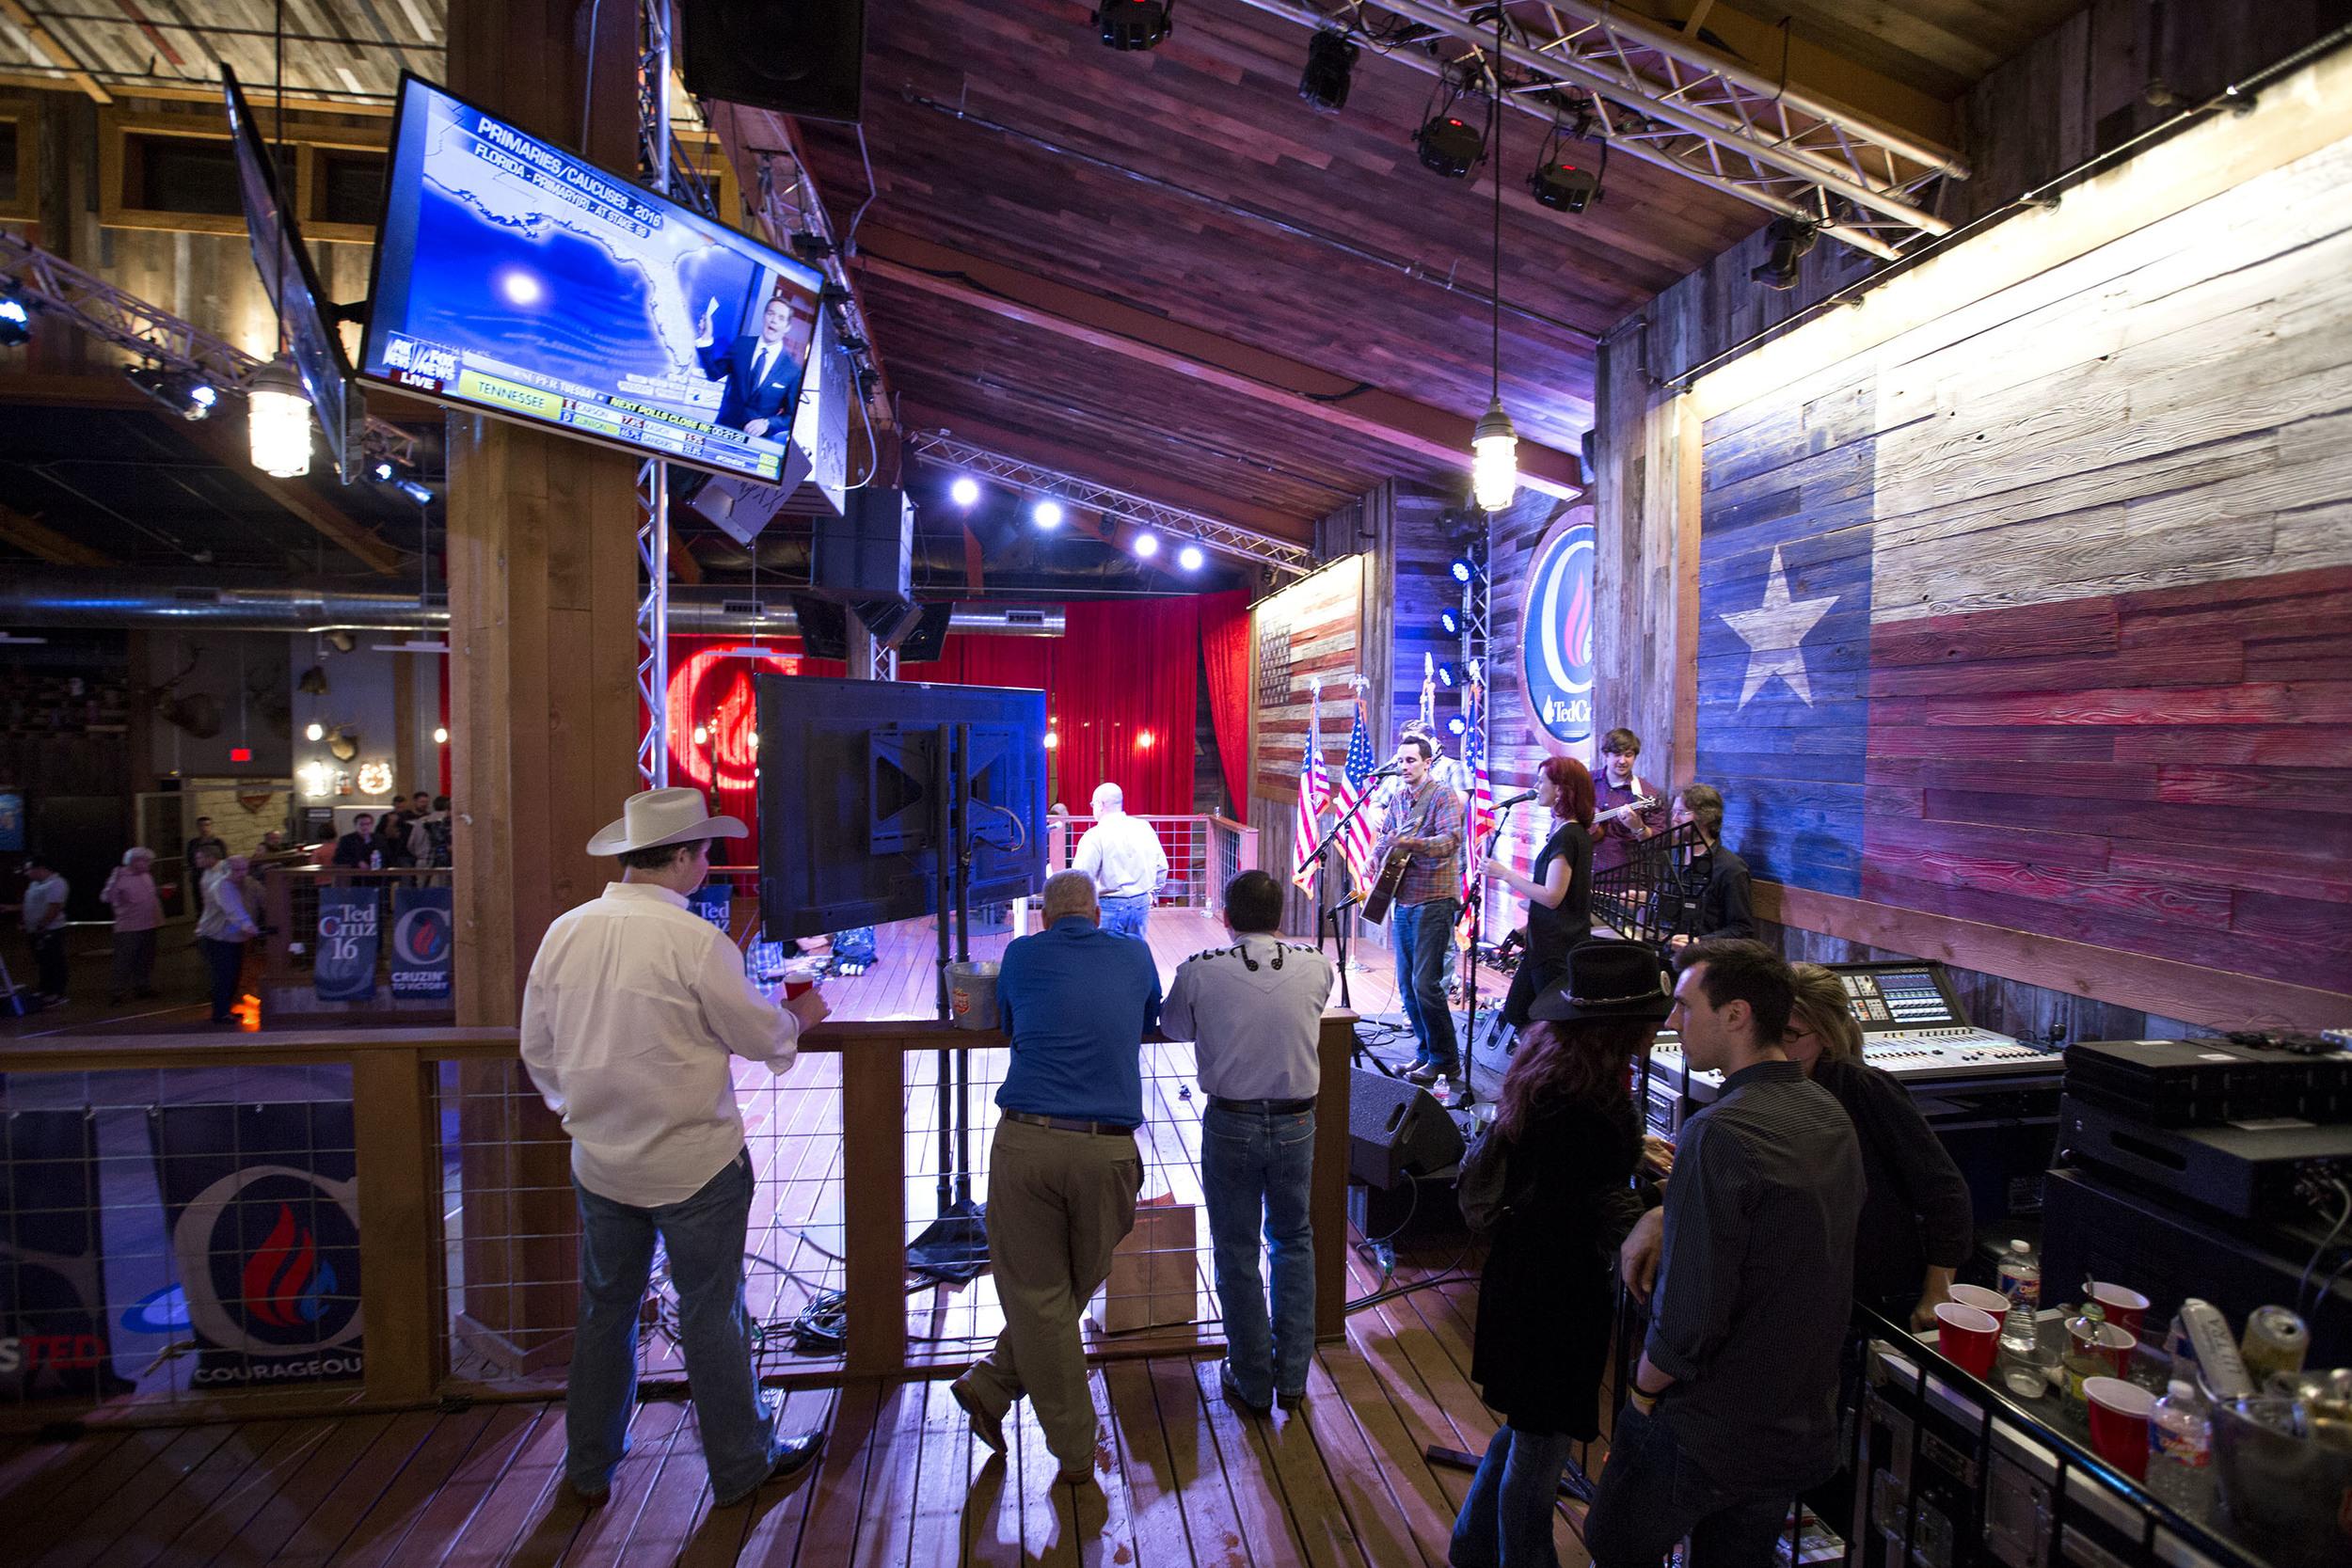 Ett countryband spelar på samma scen som Ted Cruz en kort stund tidigare höll sitt segertal efter vinsten i Texas primärval. På TV:n rullar FOX News valbevakning.